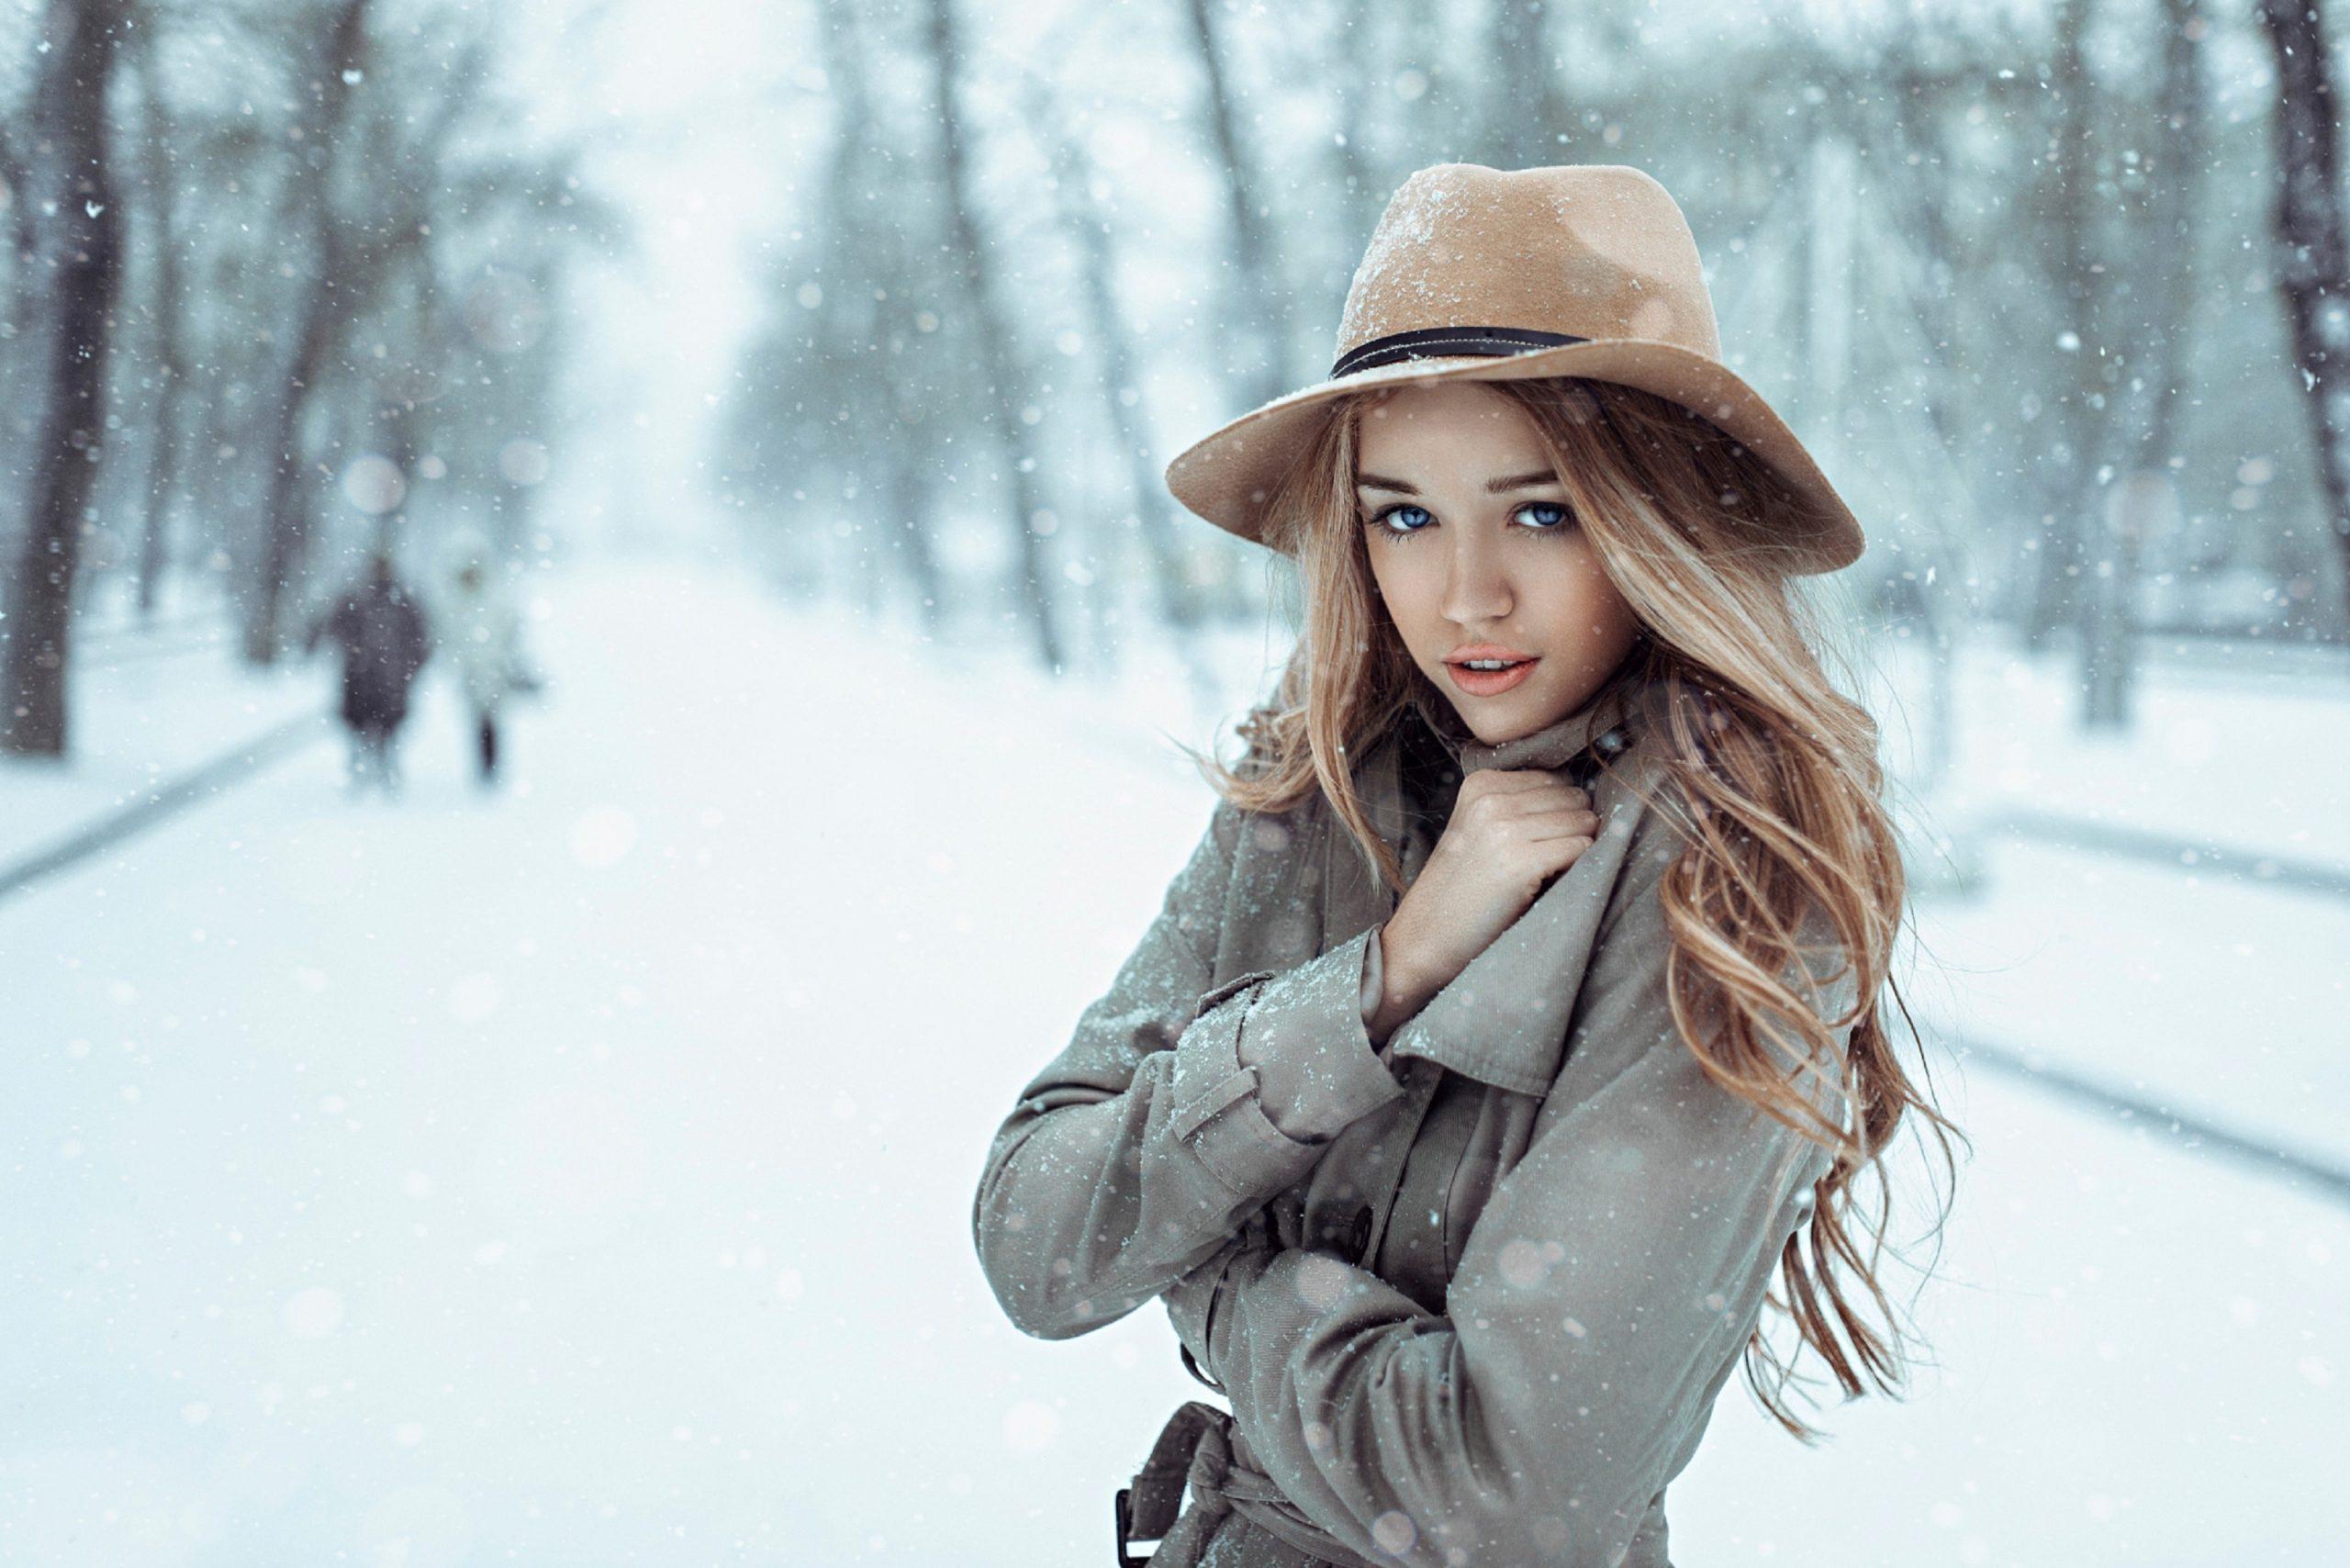 дрожь на холоде